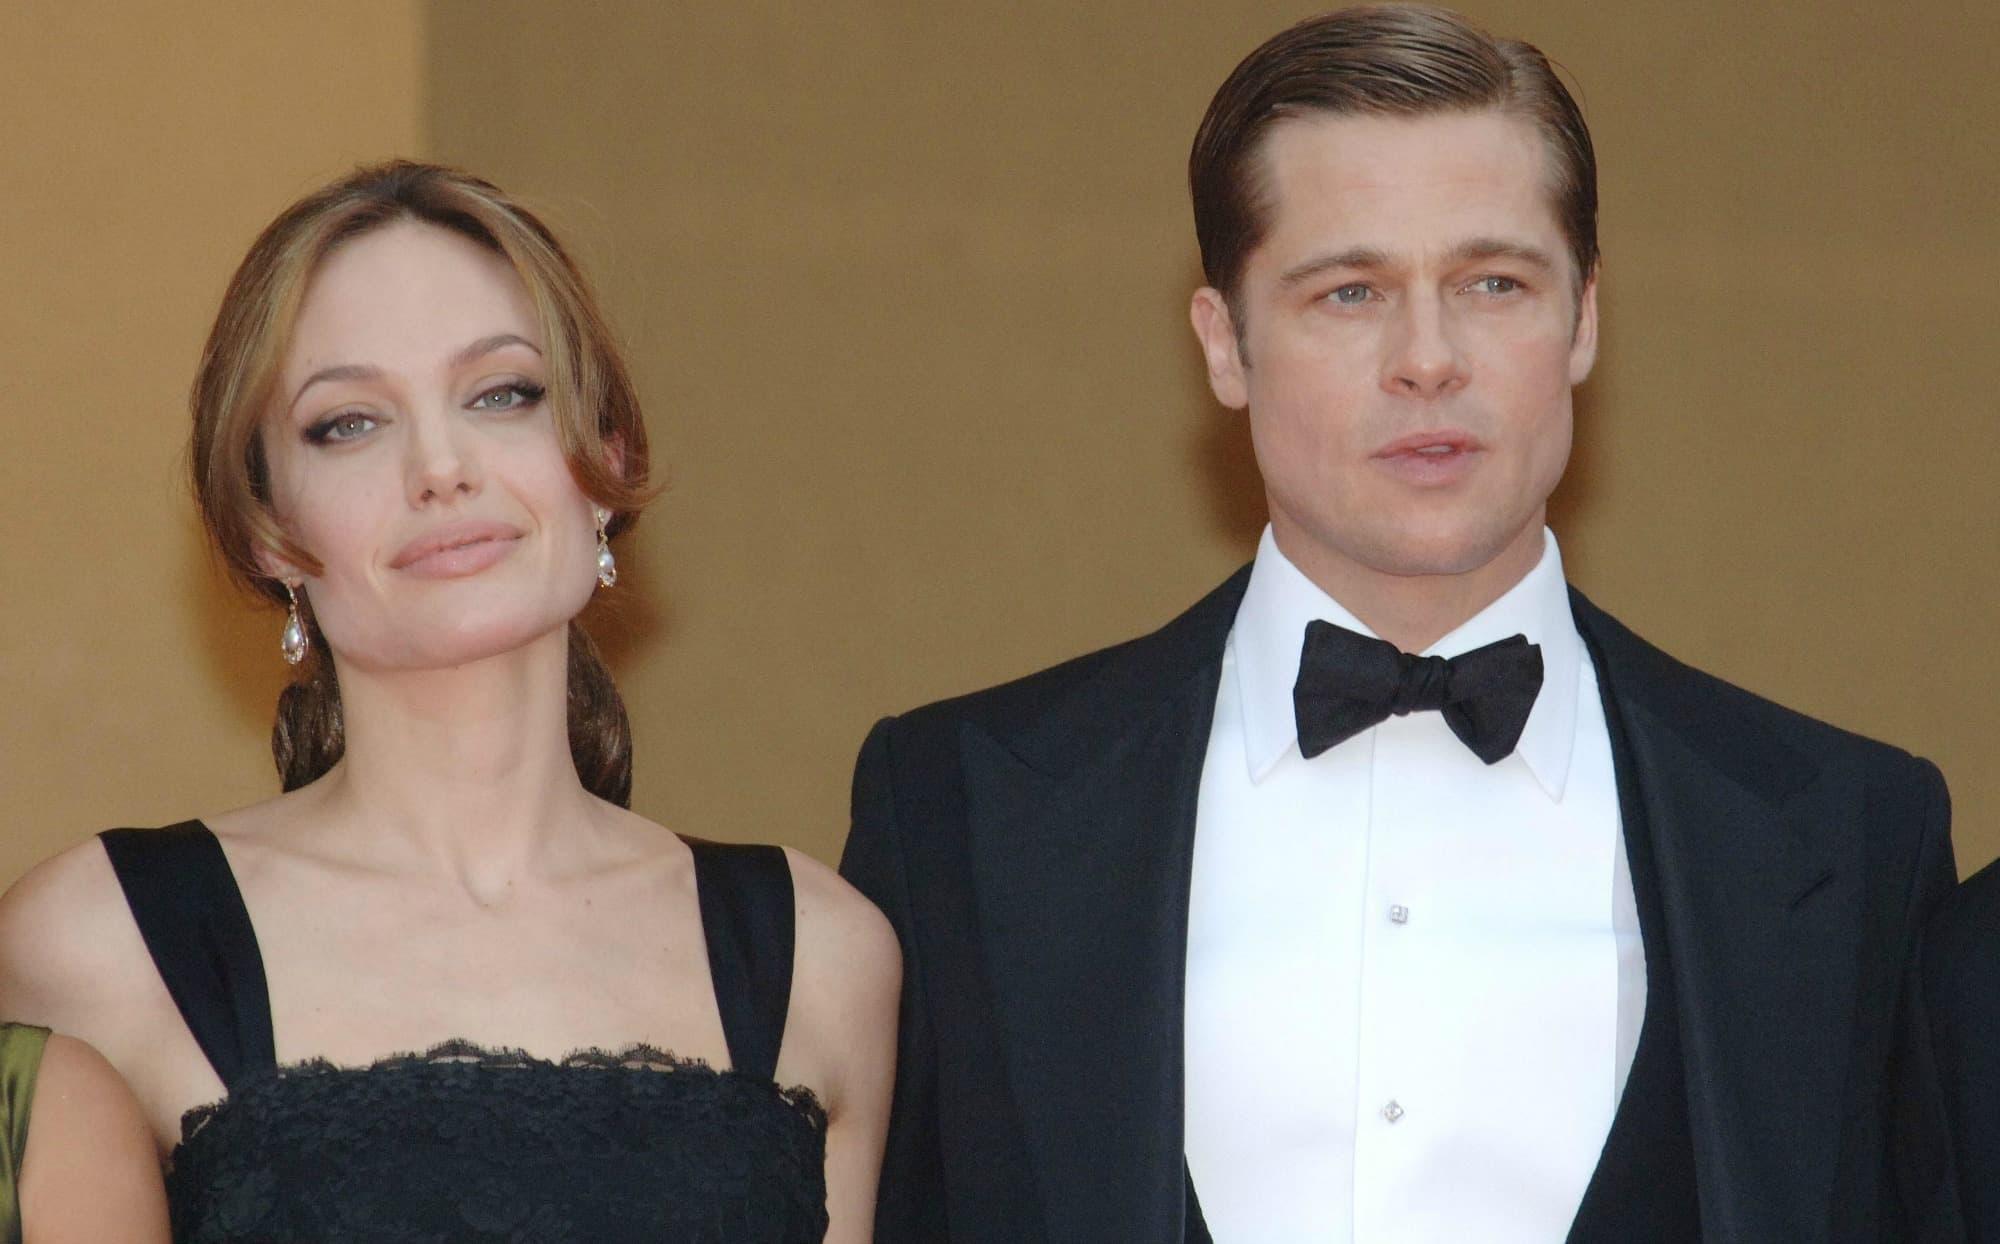 Angelina je bivšem suprugu postavila uslove za viđanje dece (foto: Wenn)